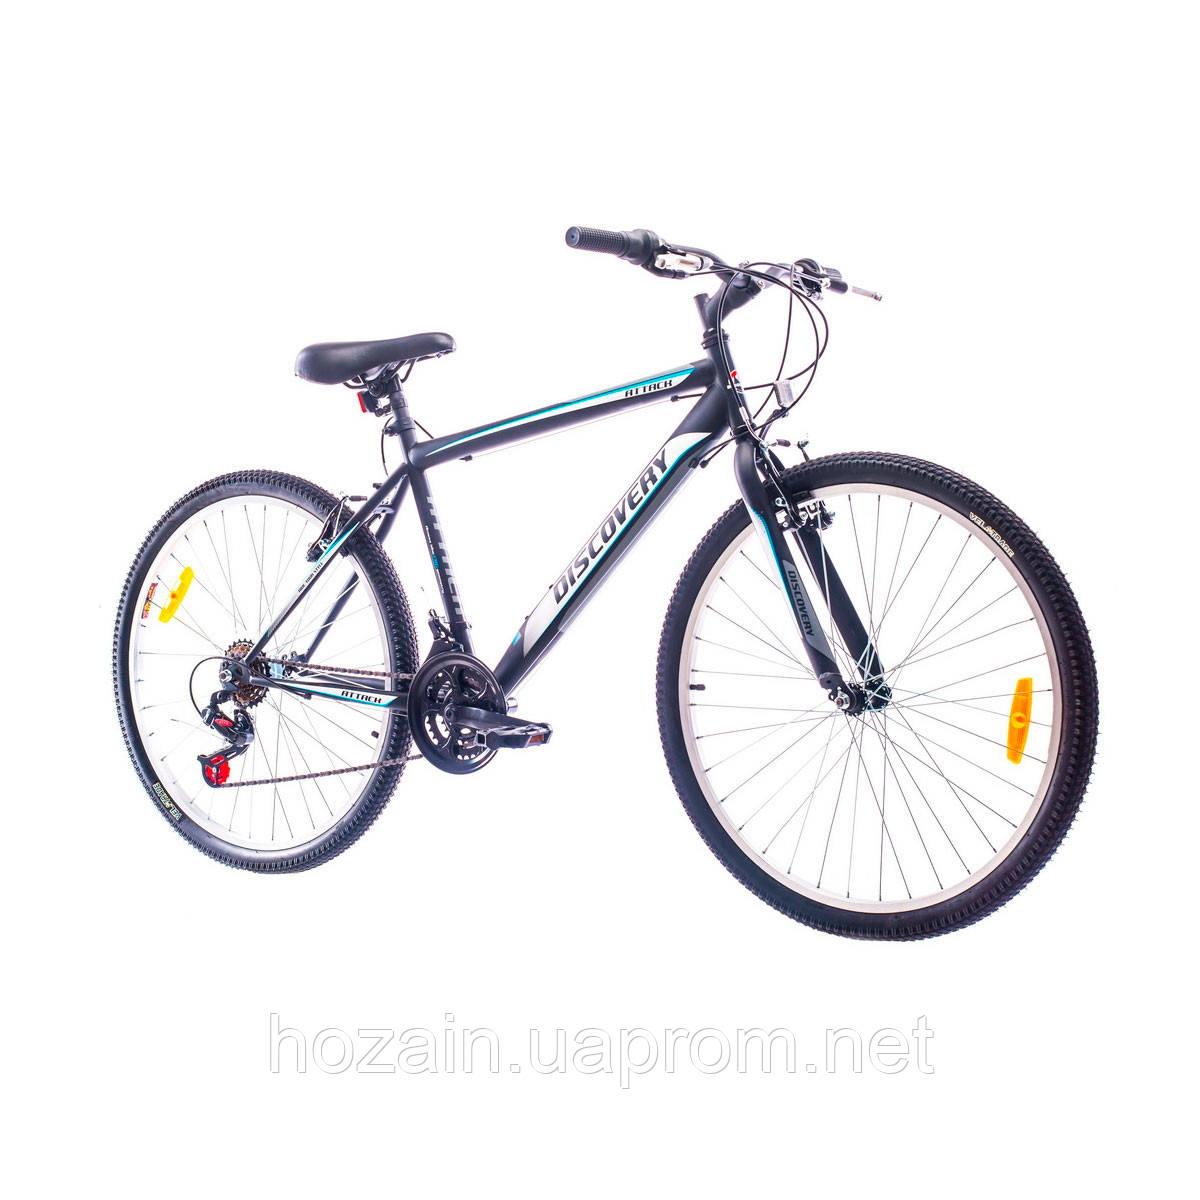 """Велосипед 26"""" Discovery ATTACK 14G Vbr St чёрно-белый 2016"""